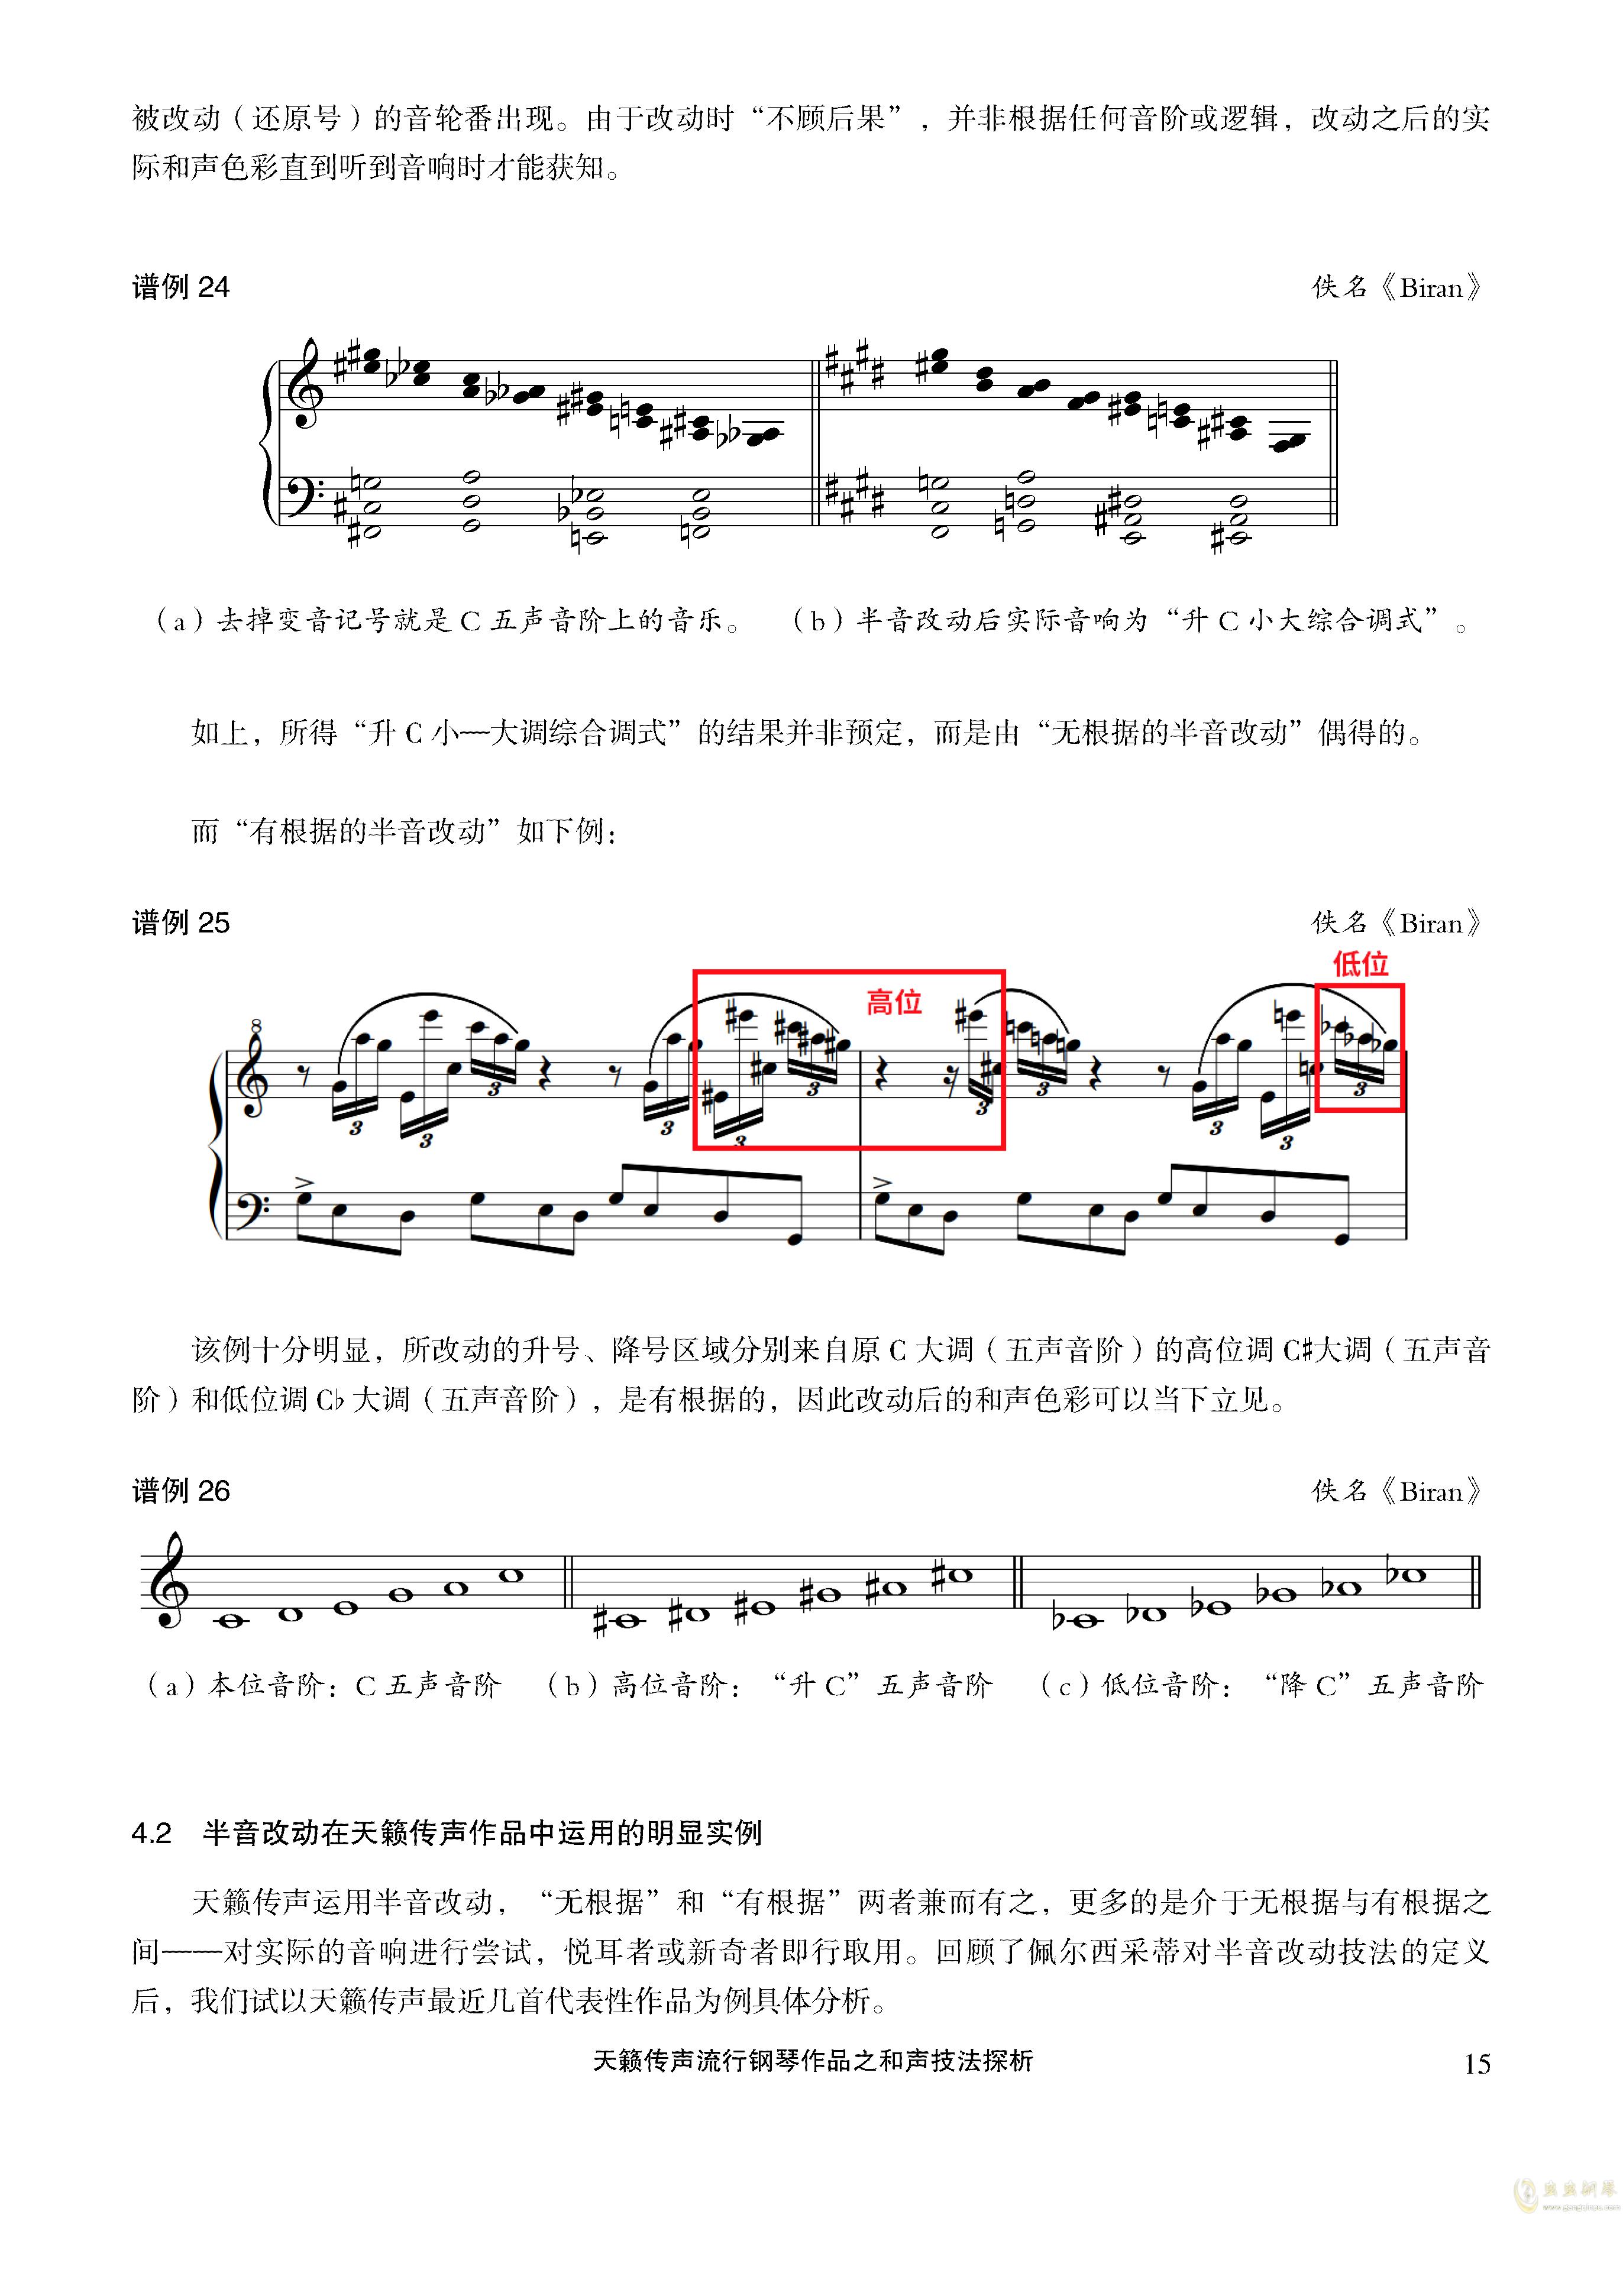 天籁传声和声技法探析澳门星际官网 第15页